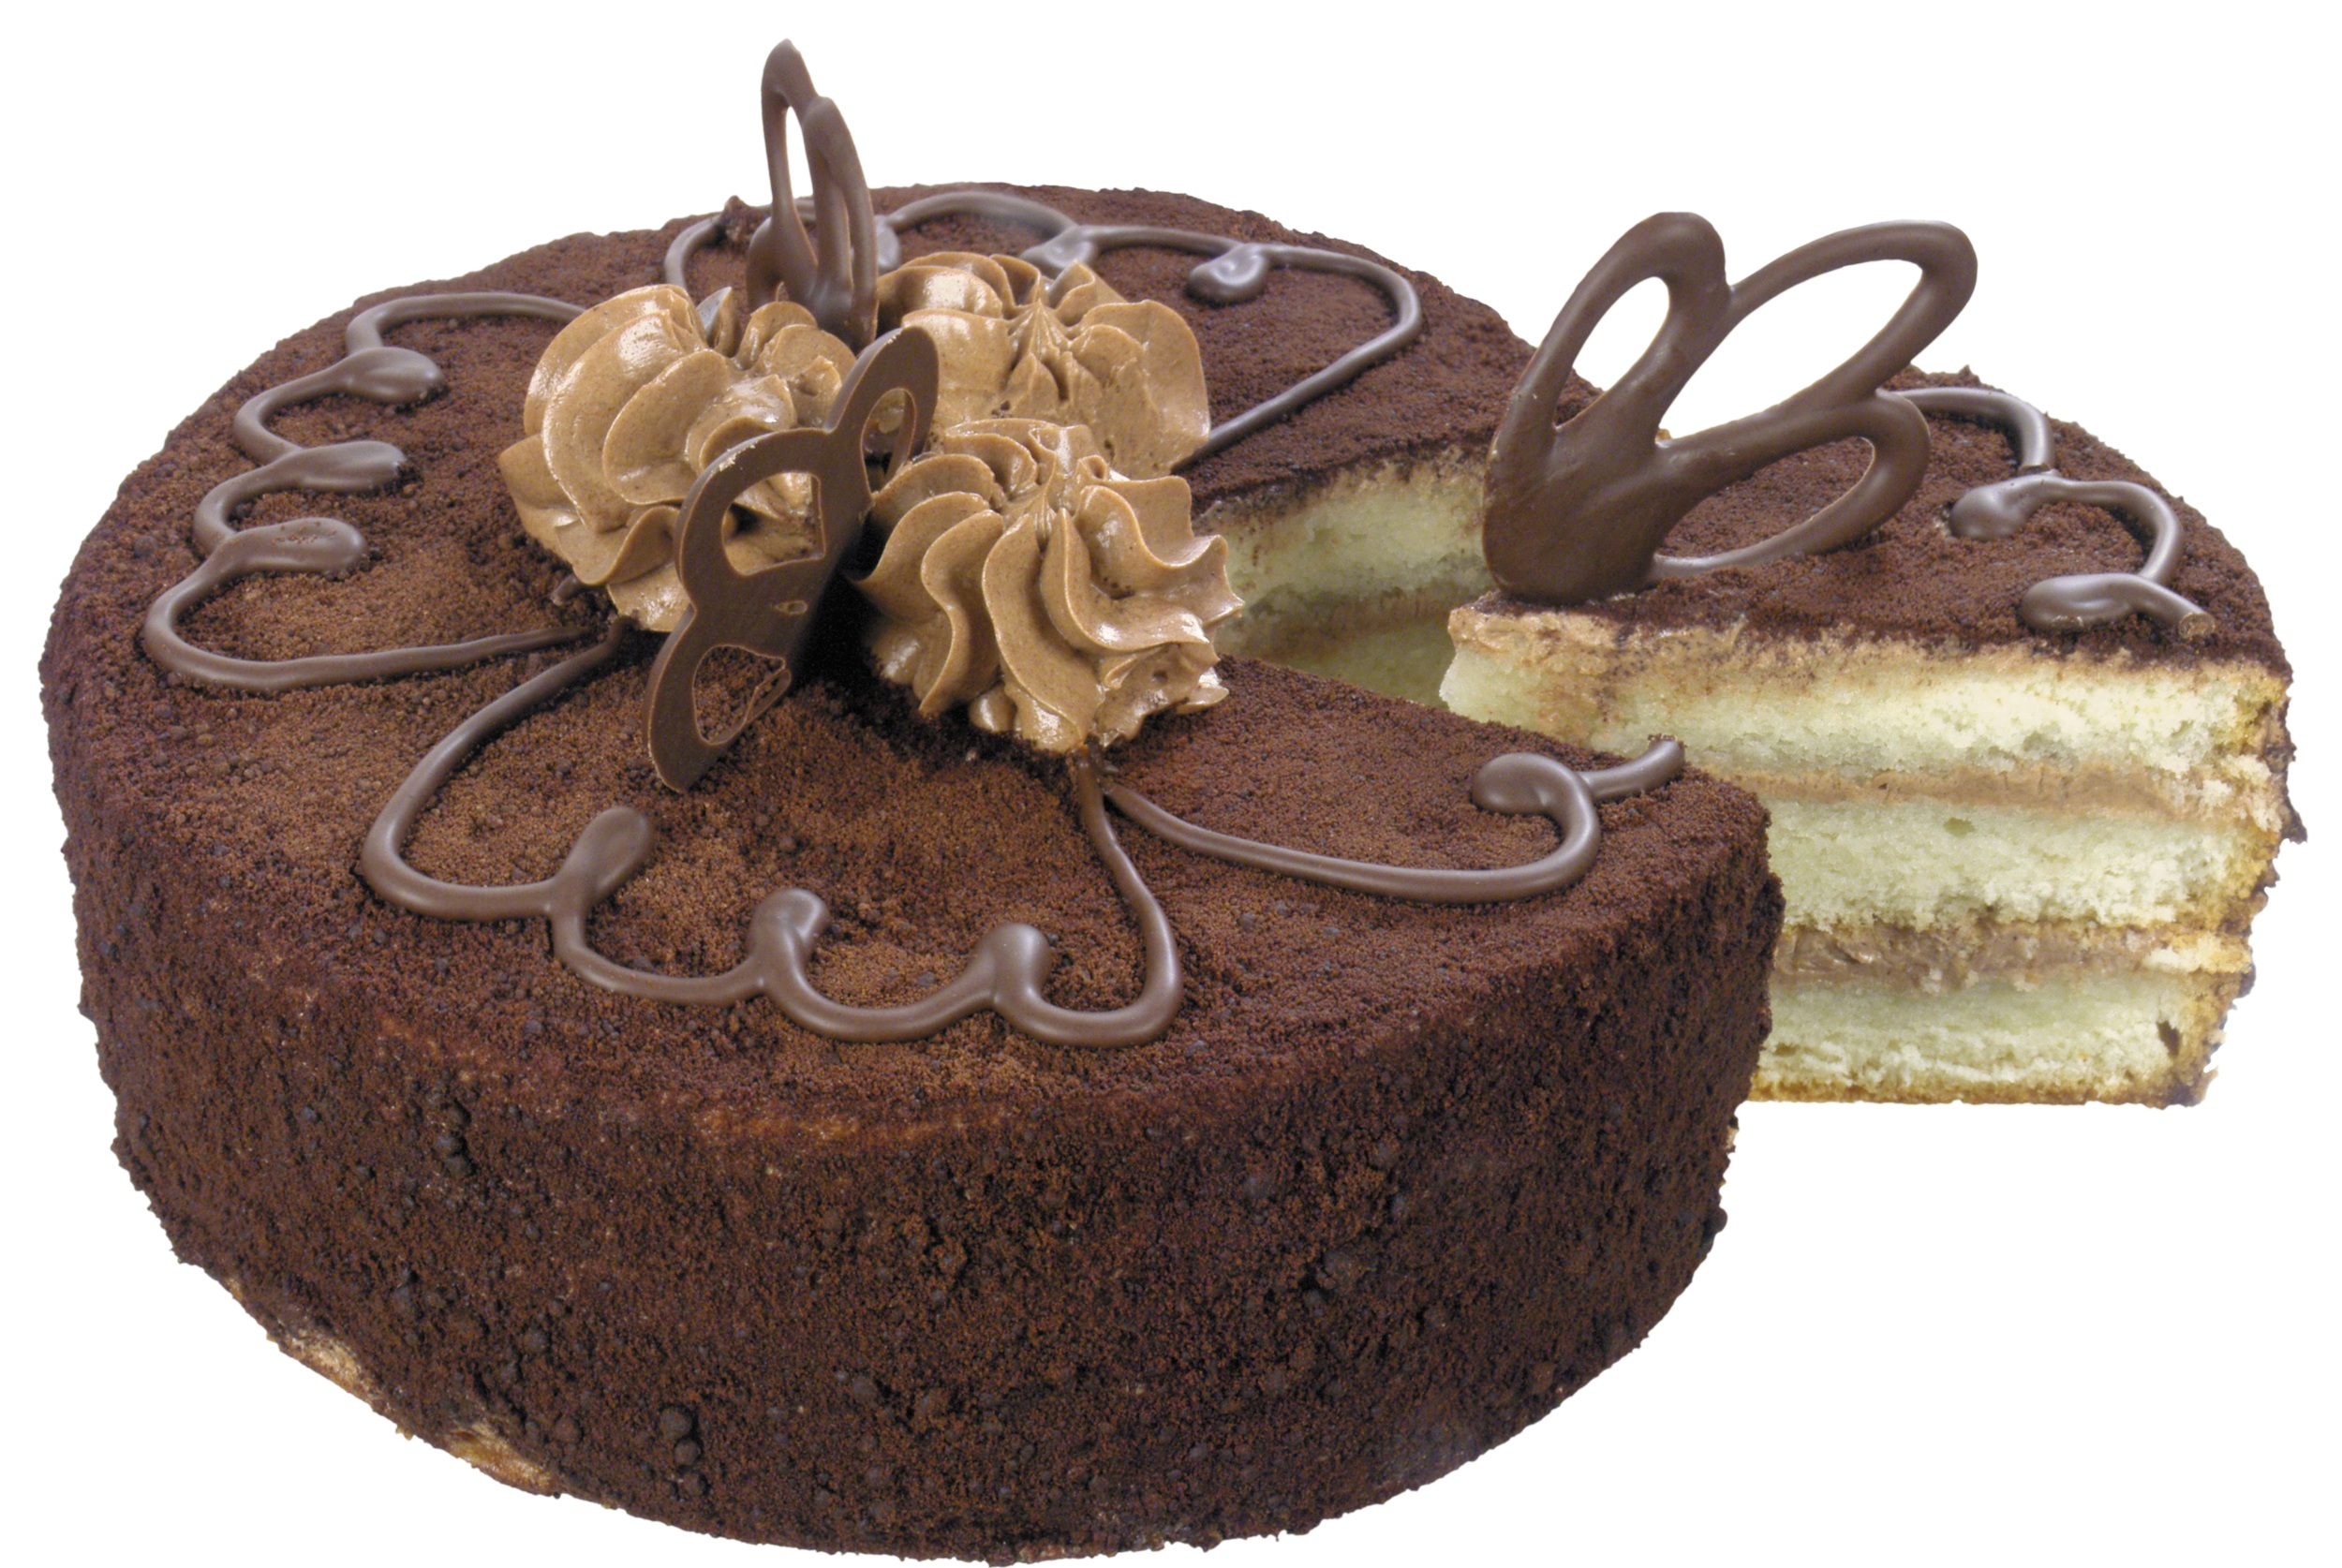 CHOCOLATE CAKE YUM! - Chocolate Photo (33481996) - Fanpop